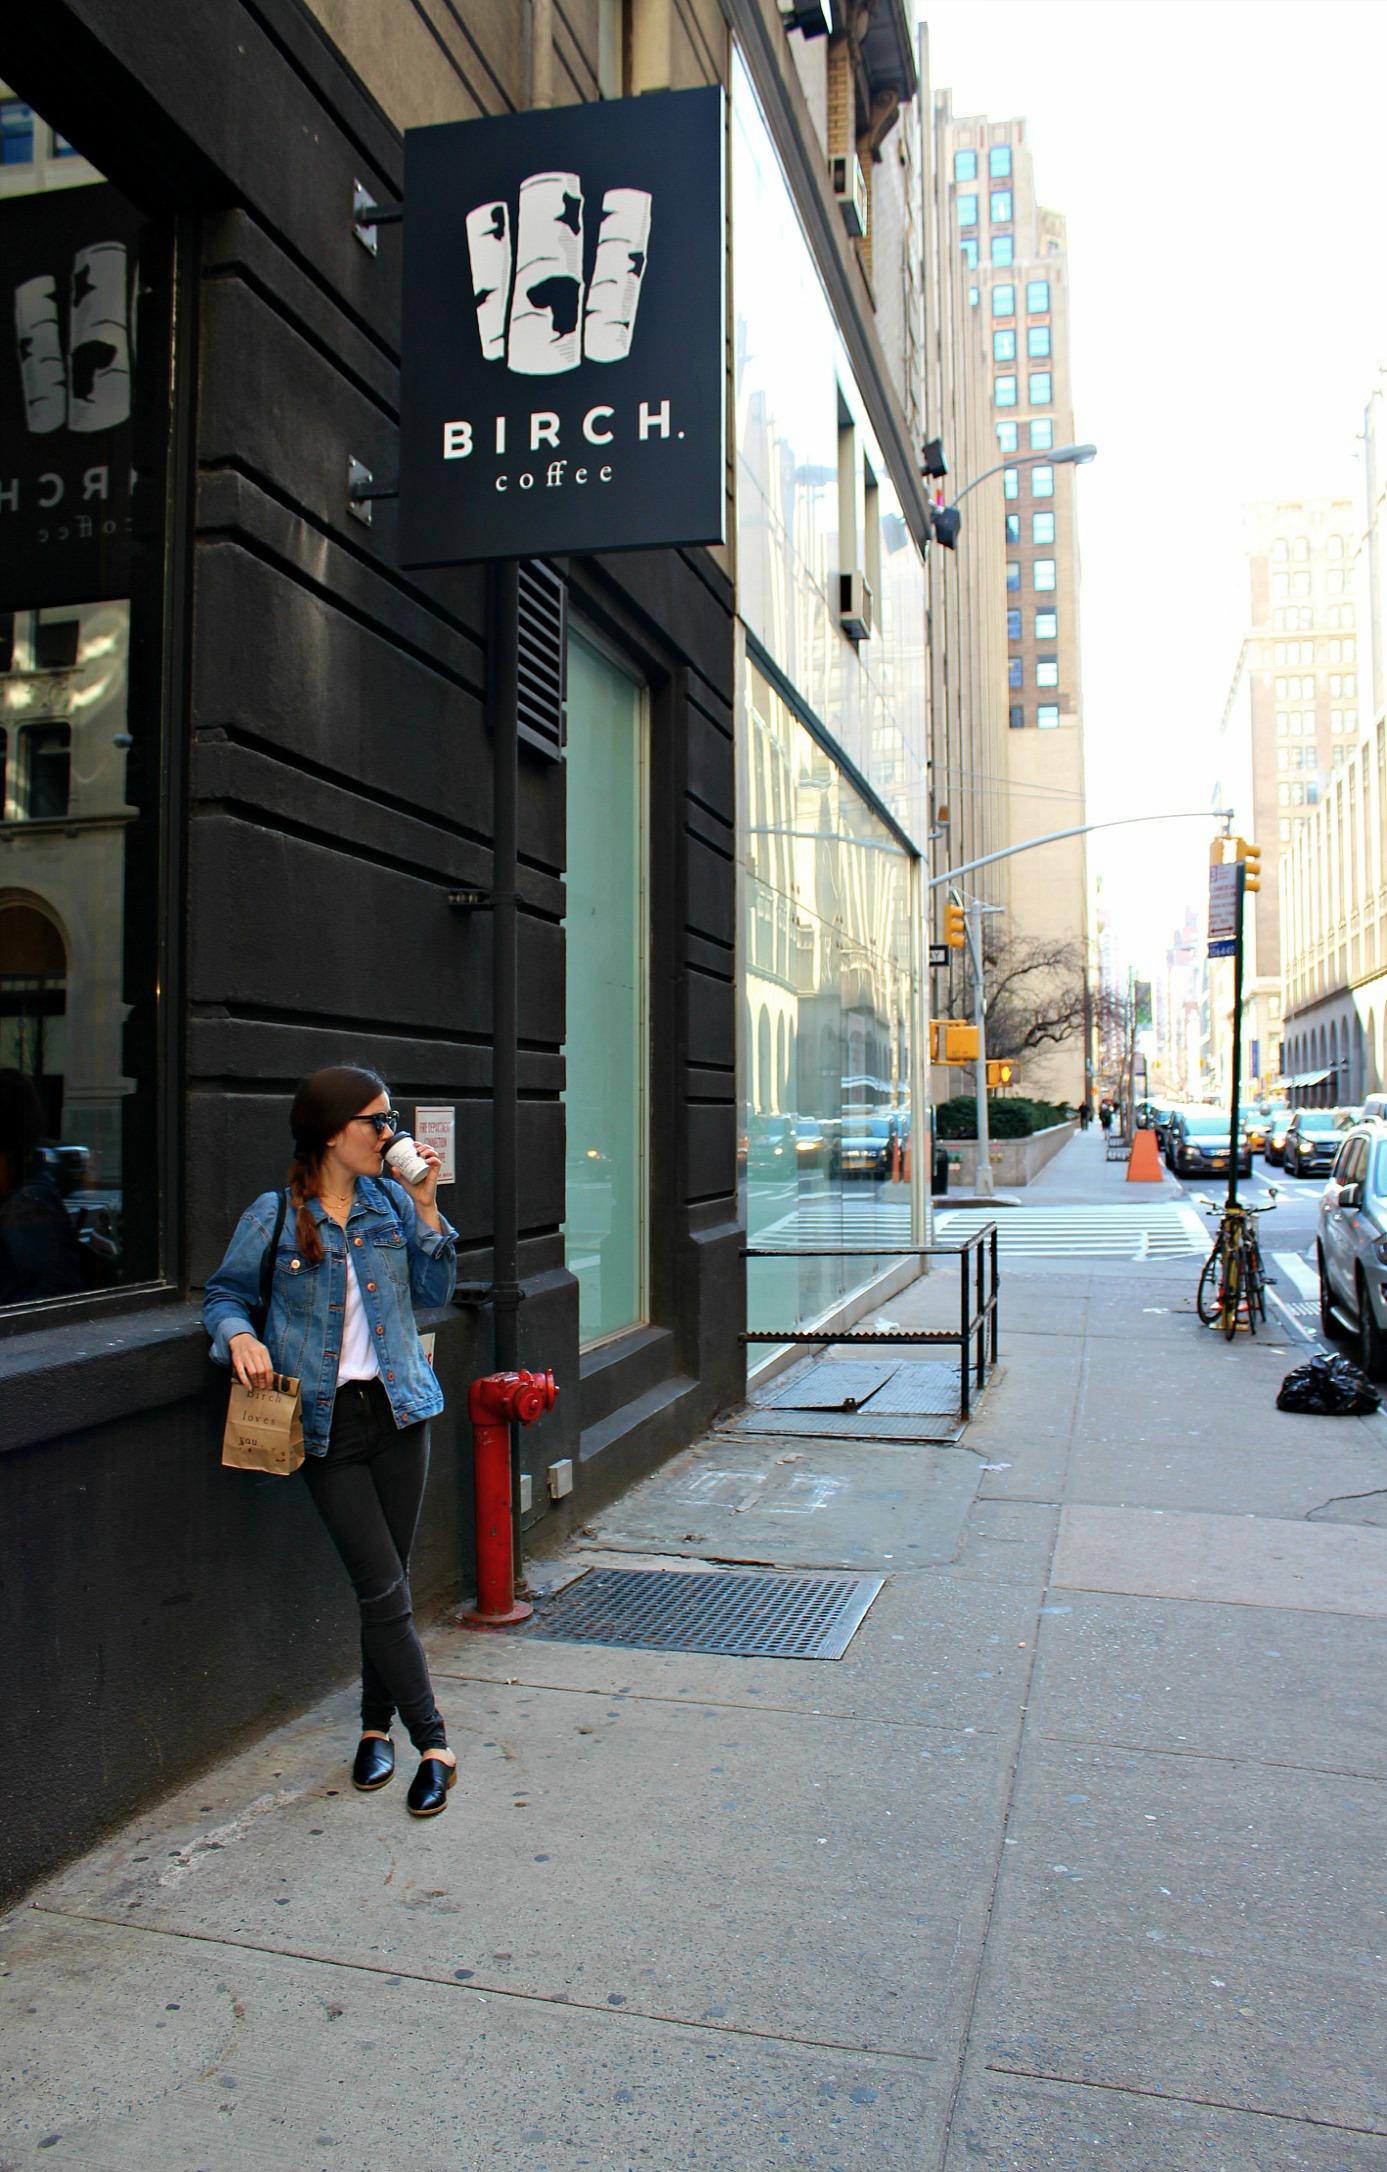 outside of Birch Coffee